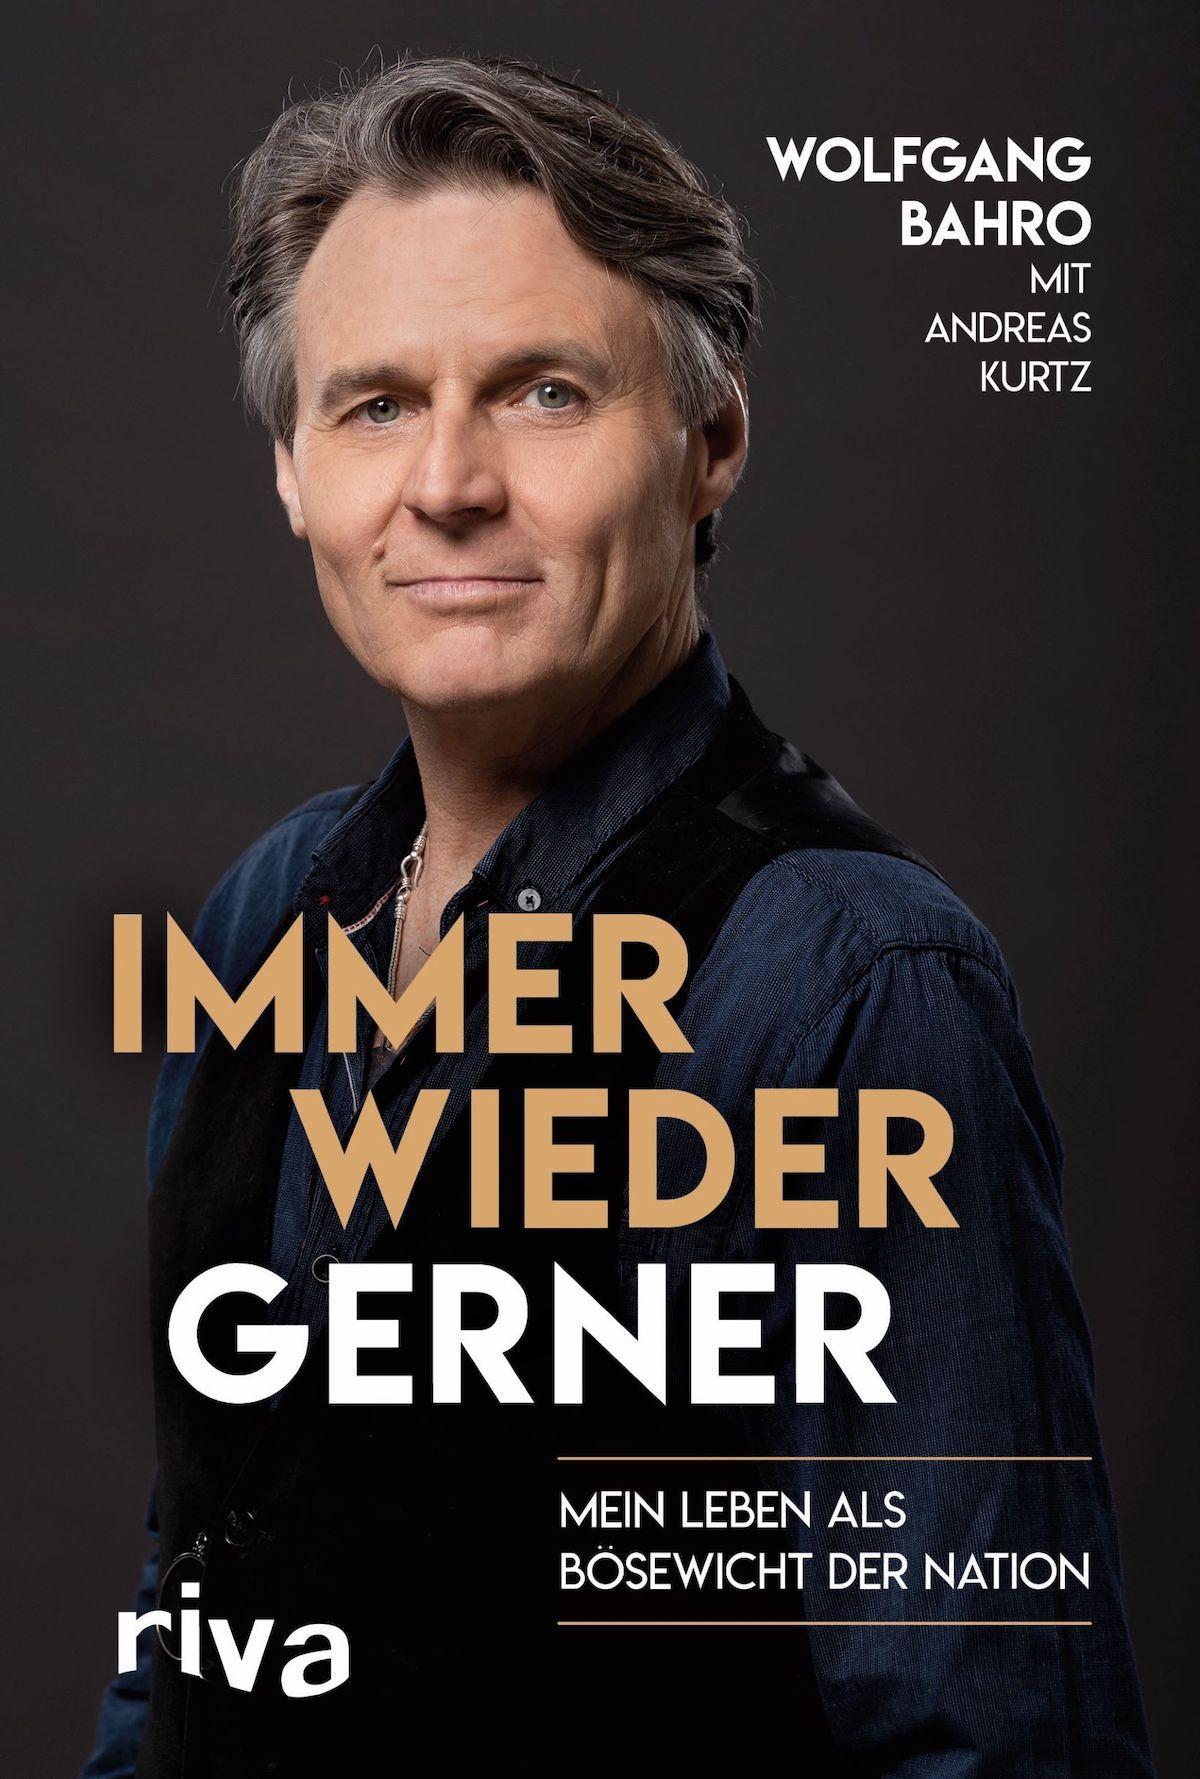 Wolfgang Bahro veröffentlich Memoiren und Jo-Gerner-Doku zum 60. Geburtstag